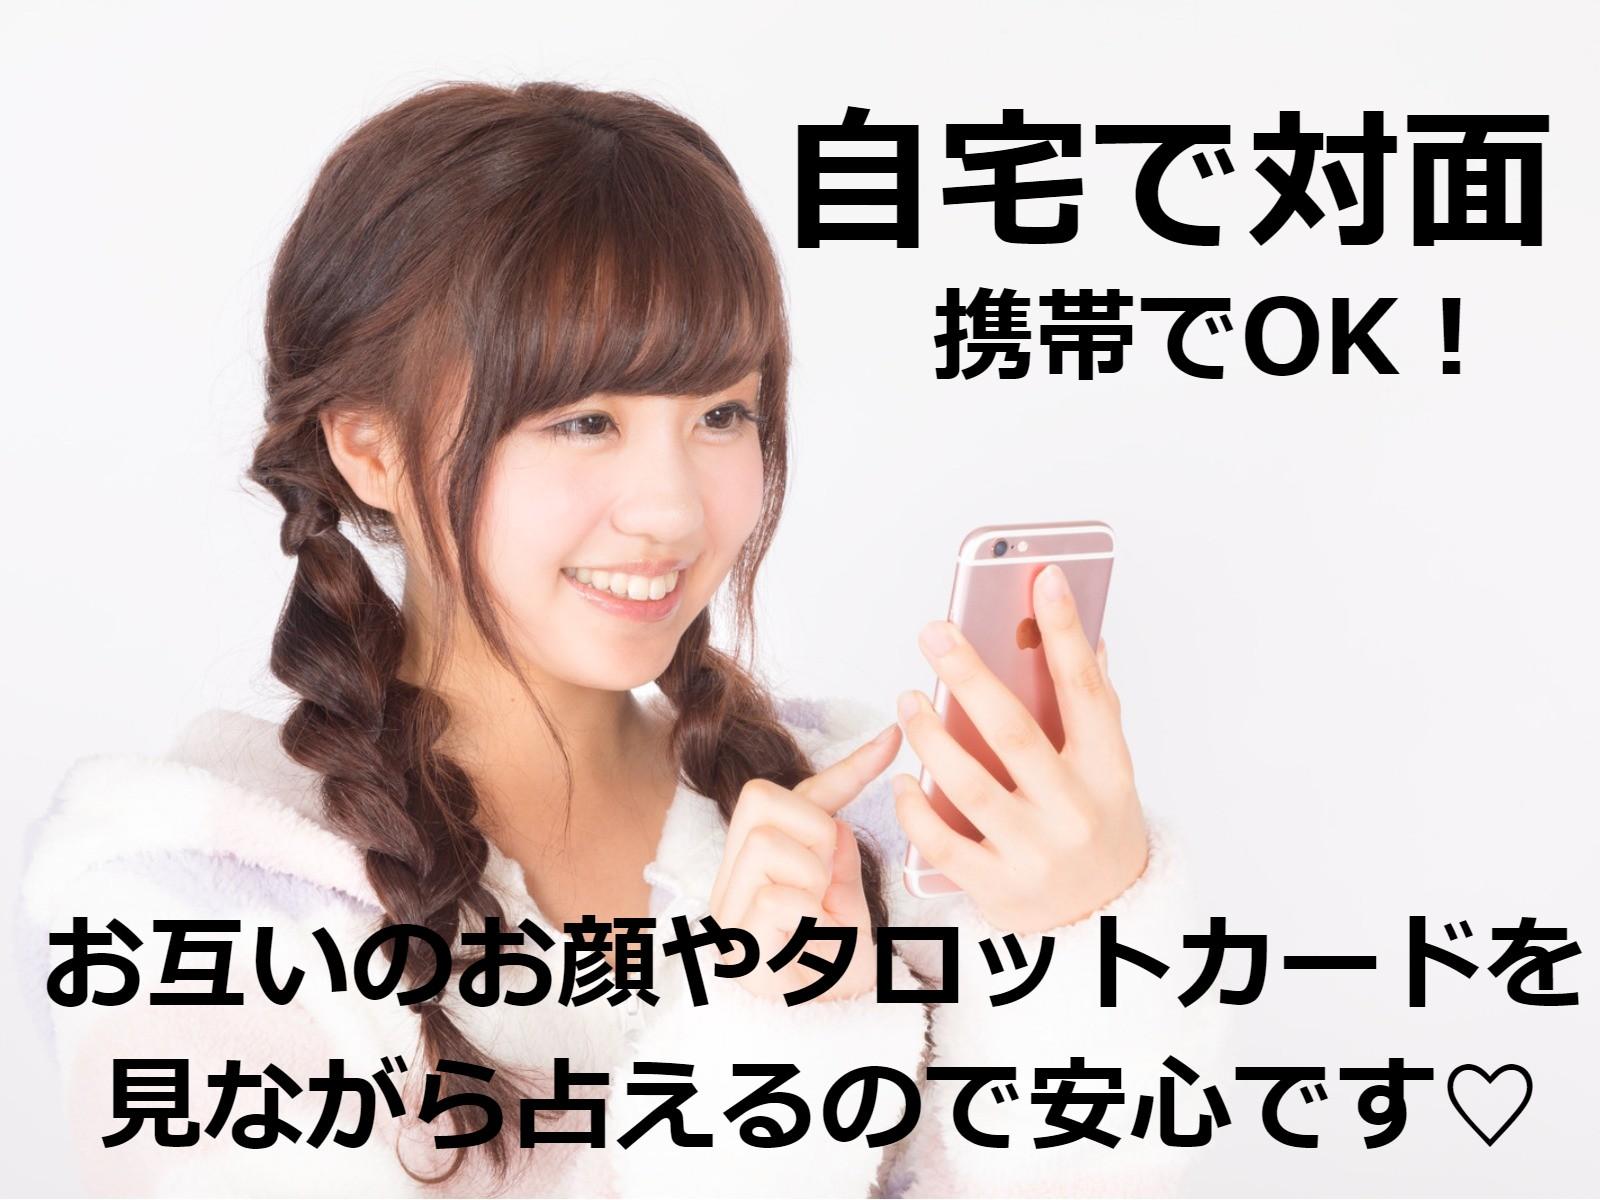 LINE対面占いなら「婚活もできる占い館BCAFE(ビーカフェ)渋谷店」の当たる占い師の鑑定を自宅で受けることが出来ます!来店時と同様にお互いのお顔やタロットカードも見れるので気持ちがスッキリします